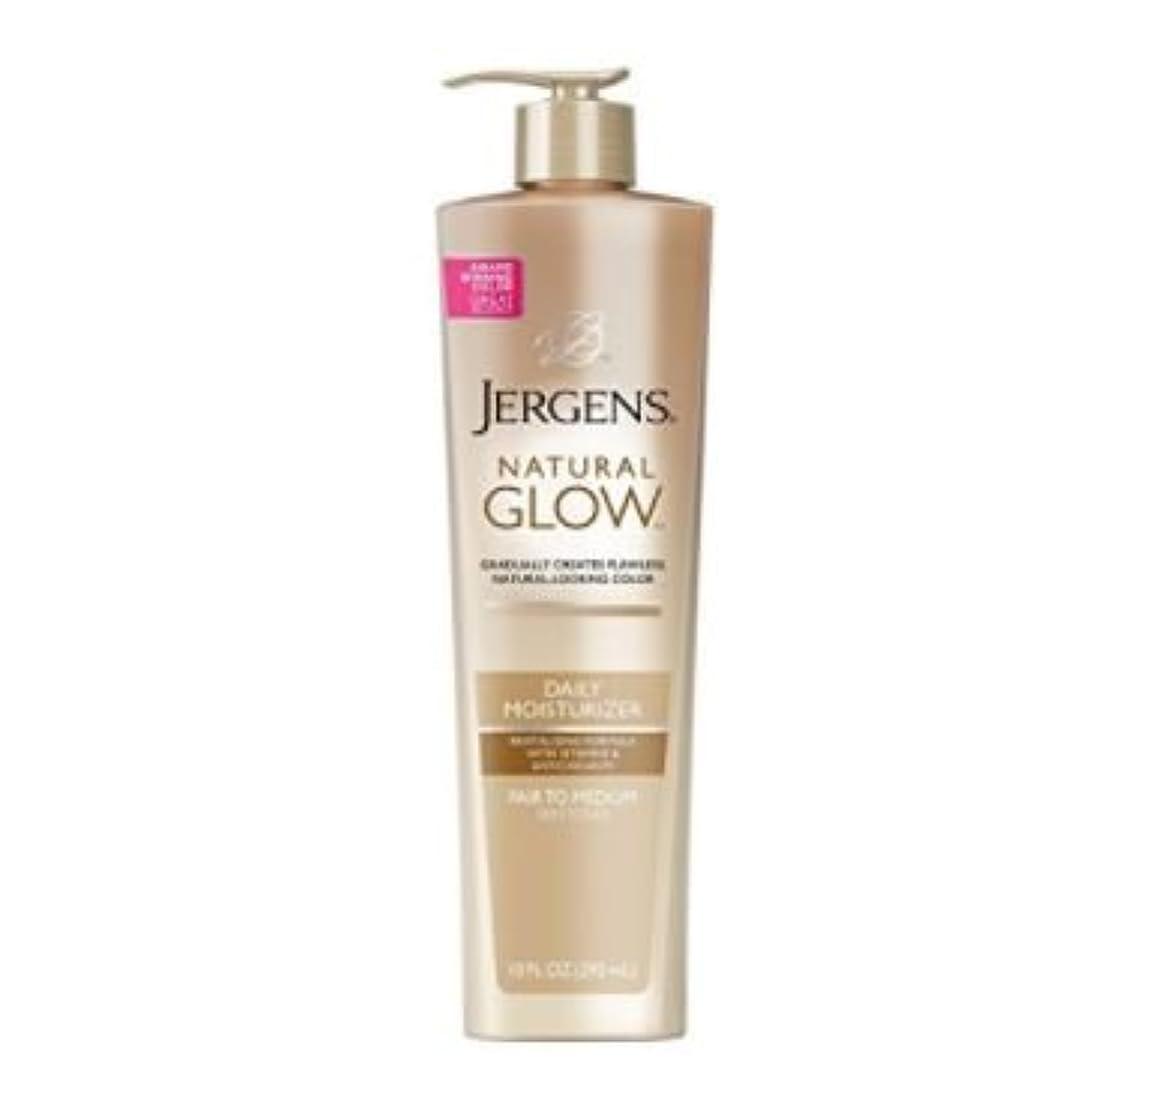 閉じ込めるサイバースペースハロウィンジャーゲンス【ポンプ付き295ml】塗るだけでキレイなブロンズ肌! セルフタンニングローション Jergens Natural Glow ジャーゲンズ (Fair/Medium 色白の方用)